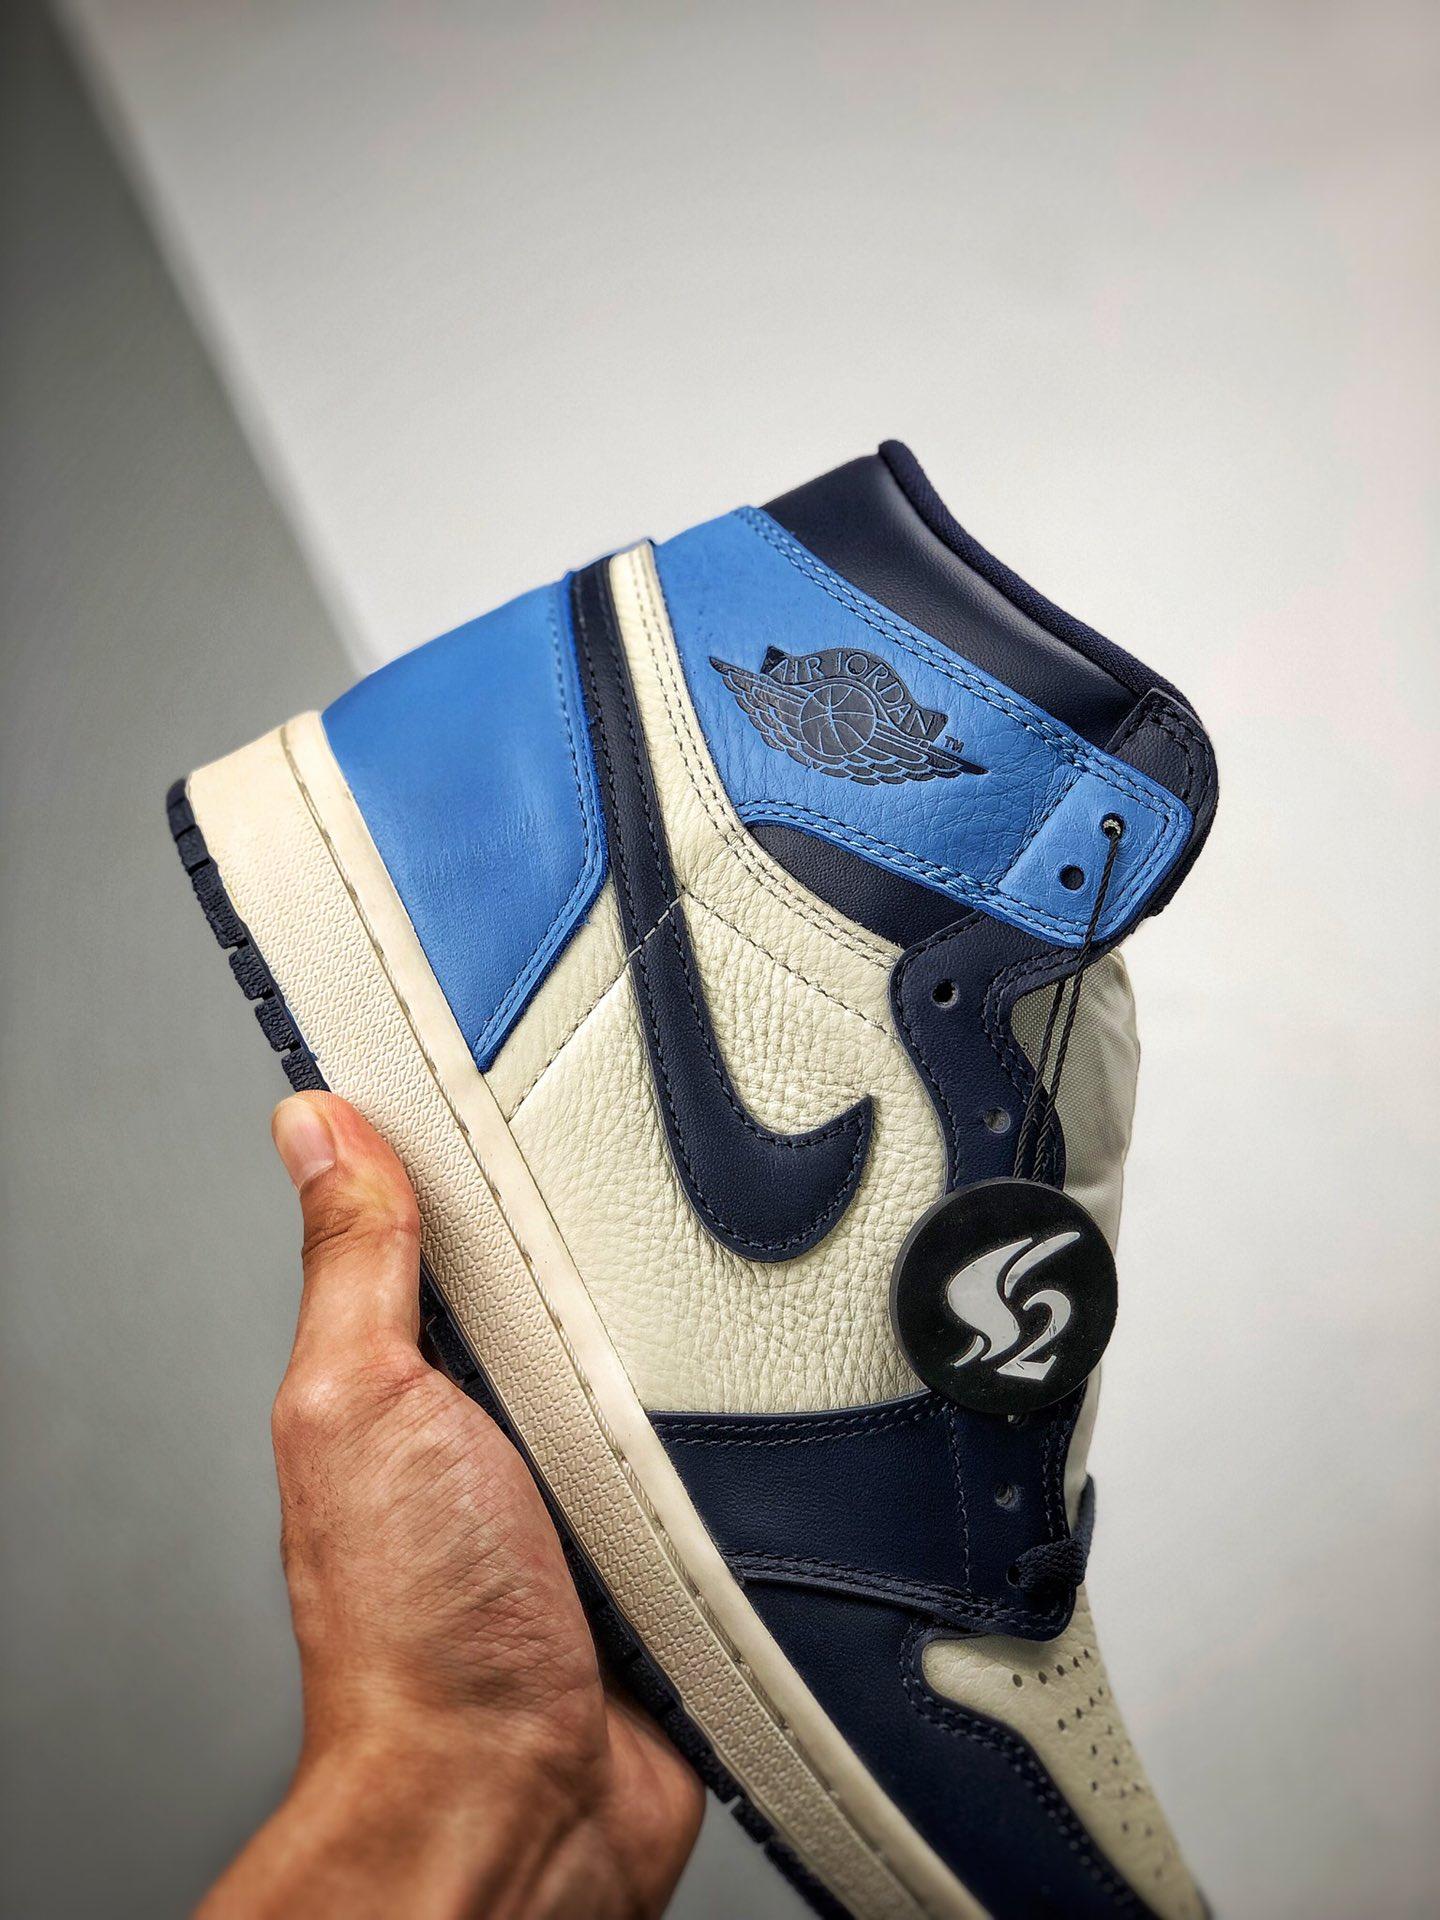 """Air Jordan 1 Retro """"Obsidian"""" 北卡蓝 / 黑曜石 货号:555088-140_鞋子s2版本是什么意思"""